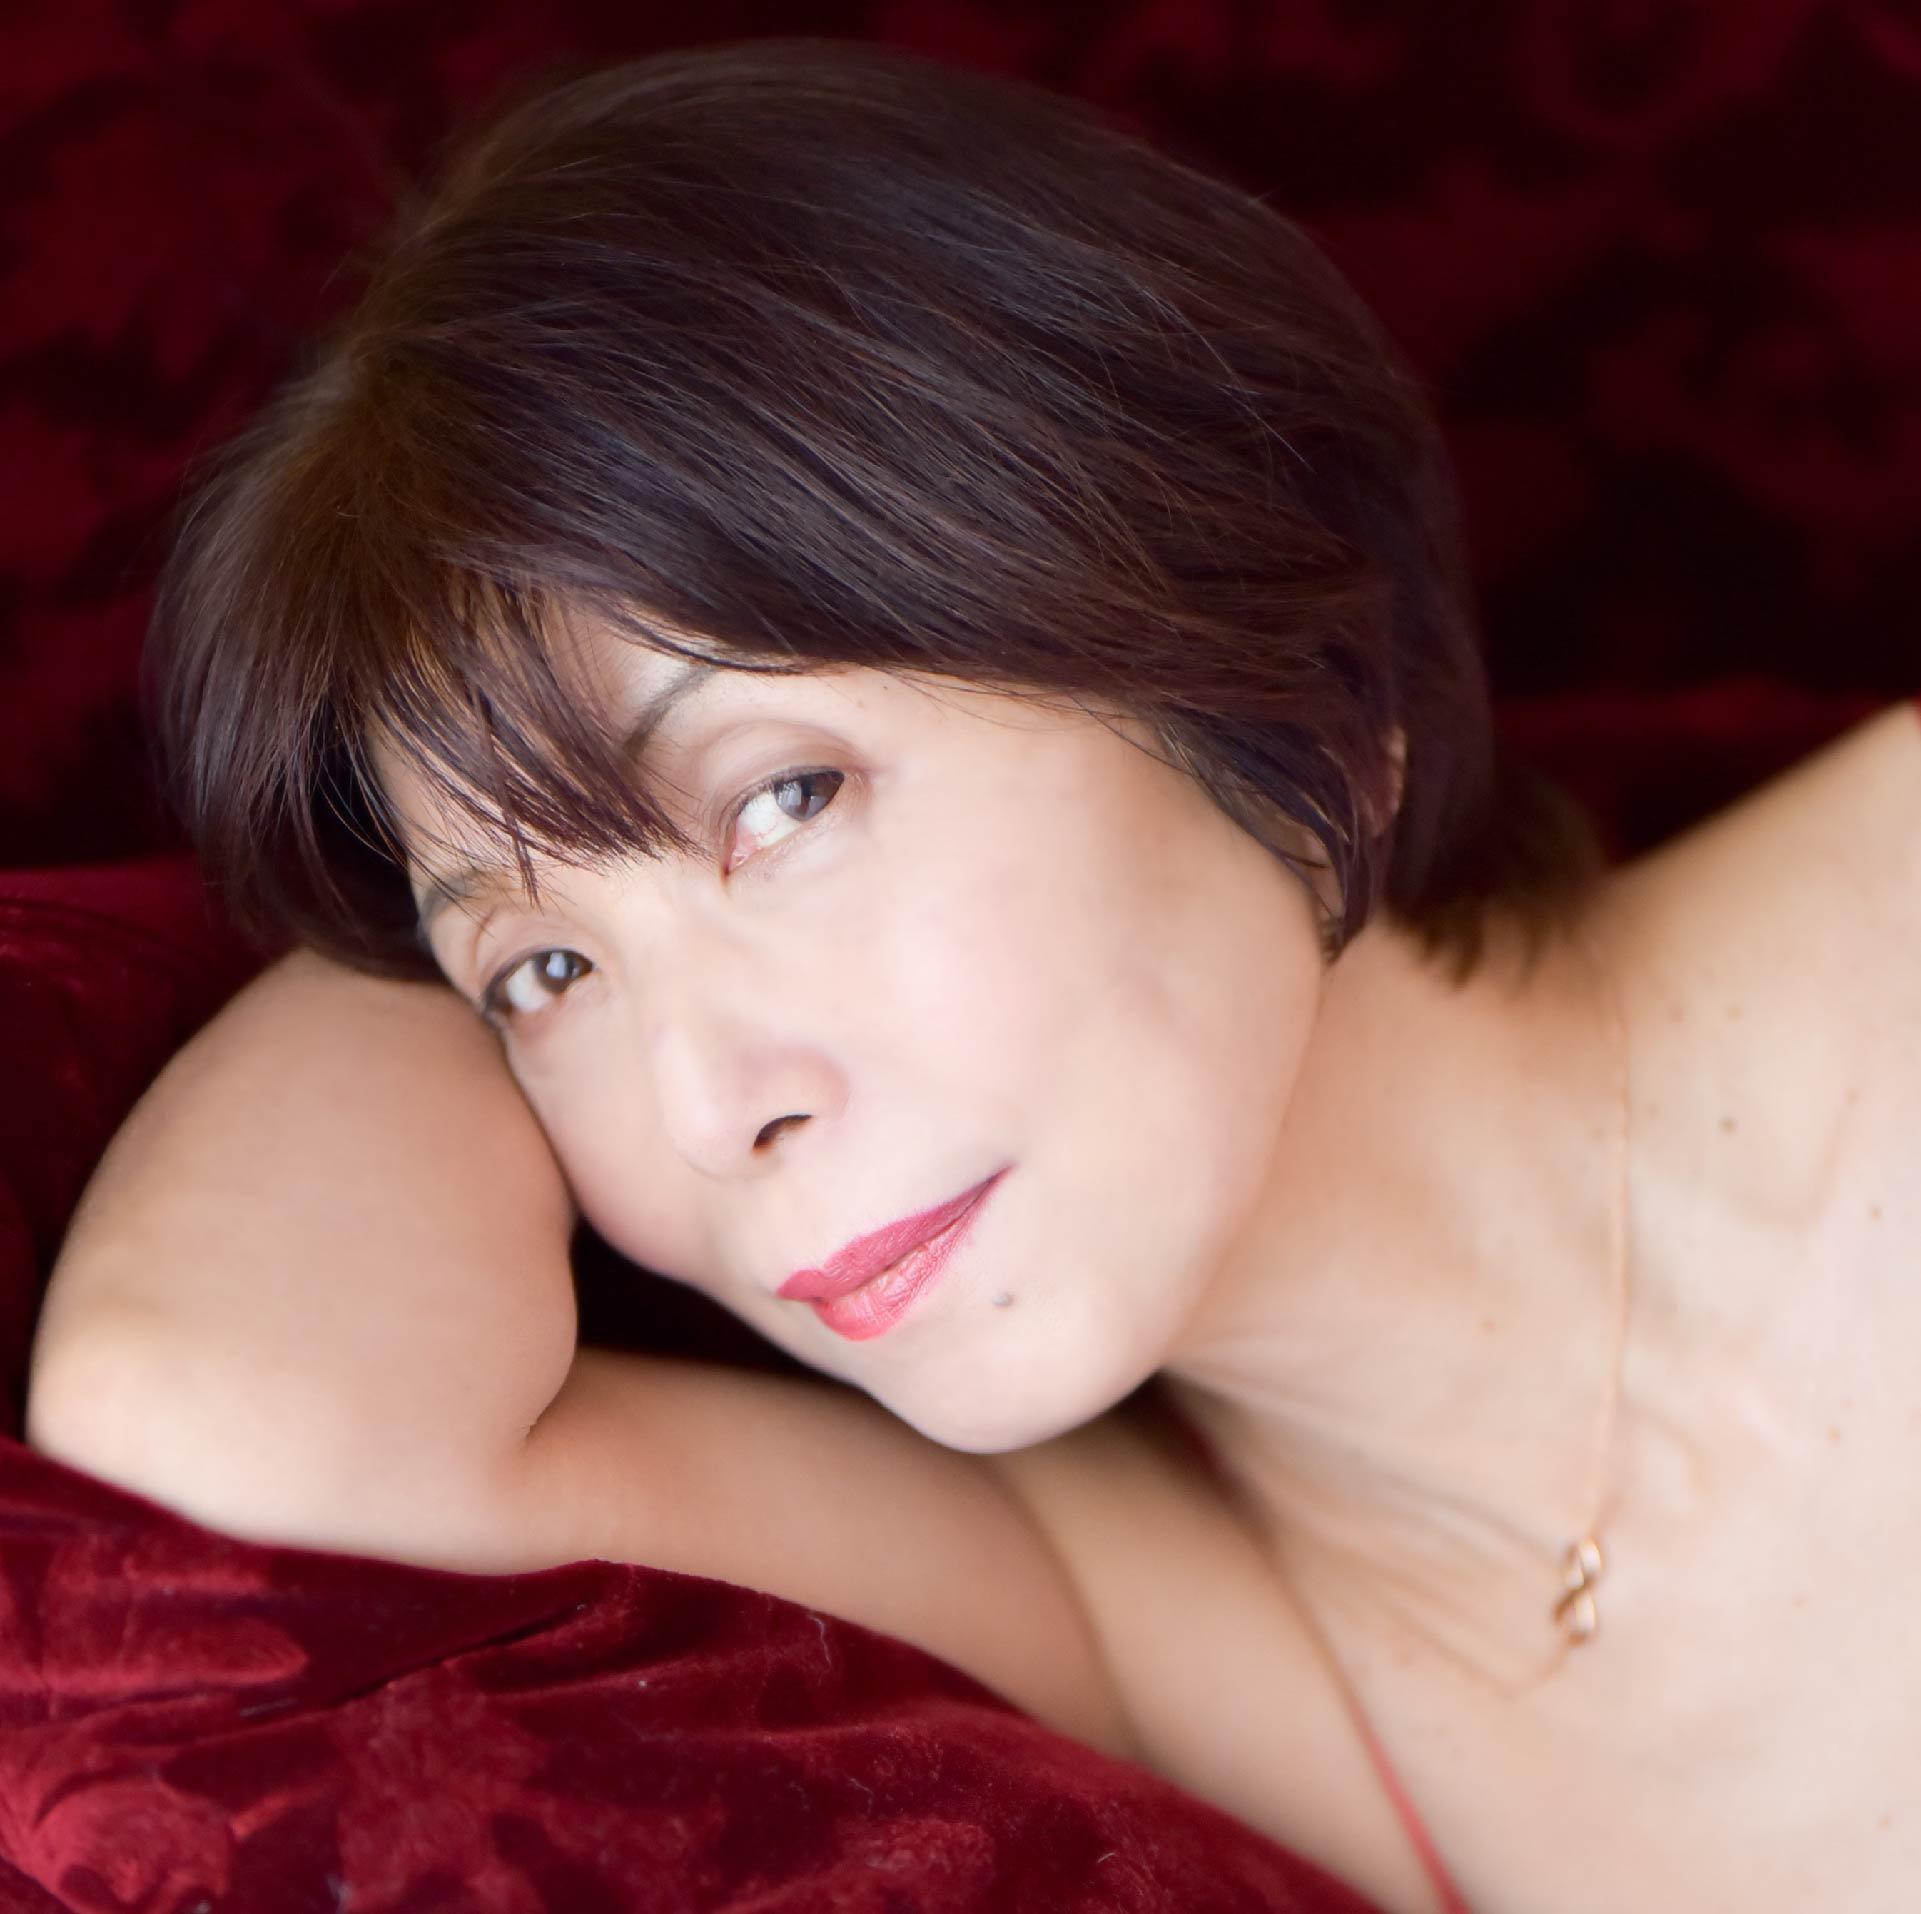 中丸シオン(35)の国際派女優のヌード写真集がエロいww【エロ